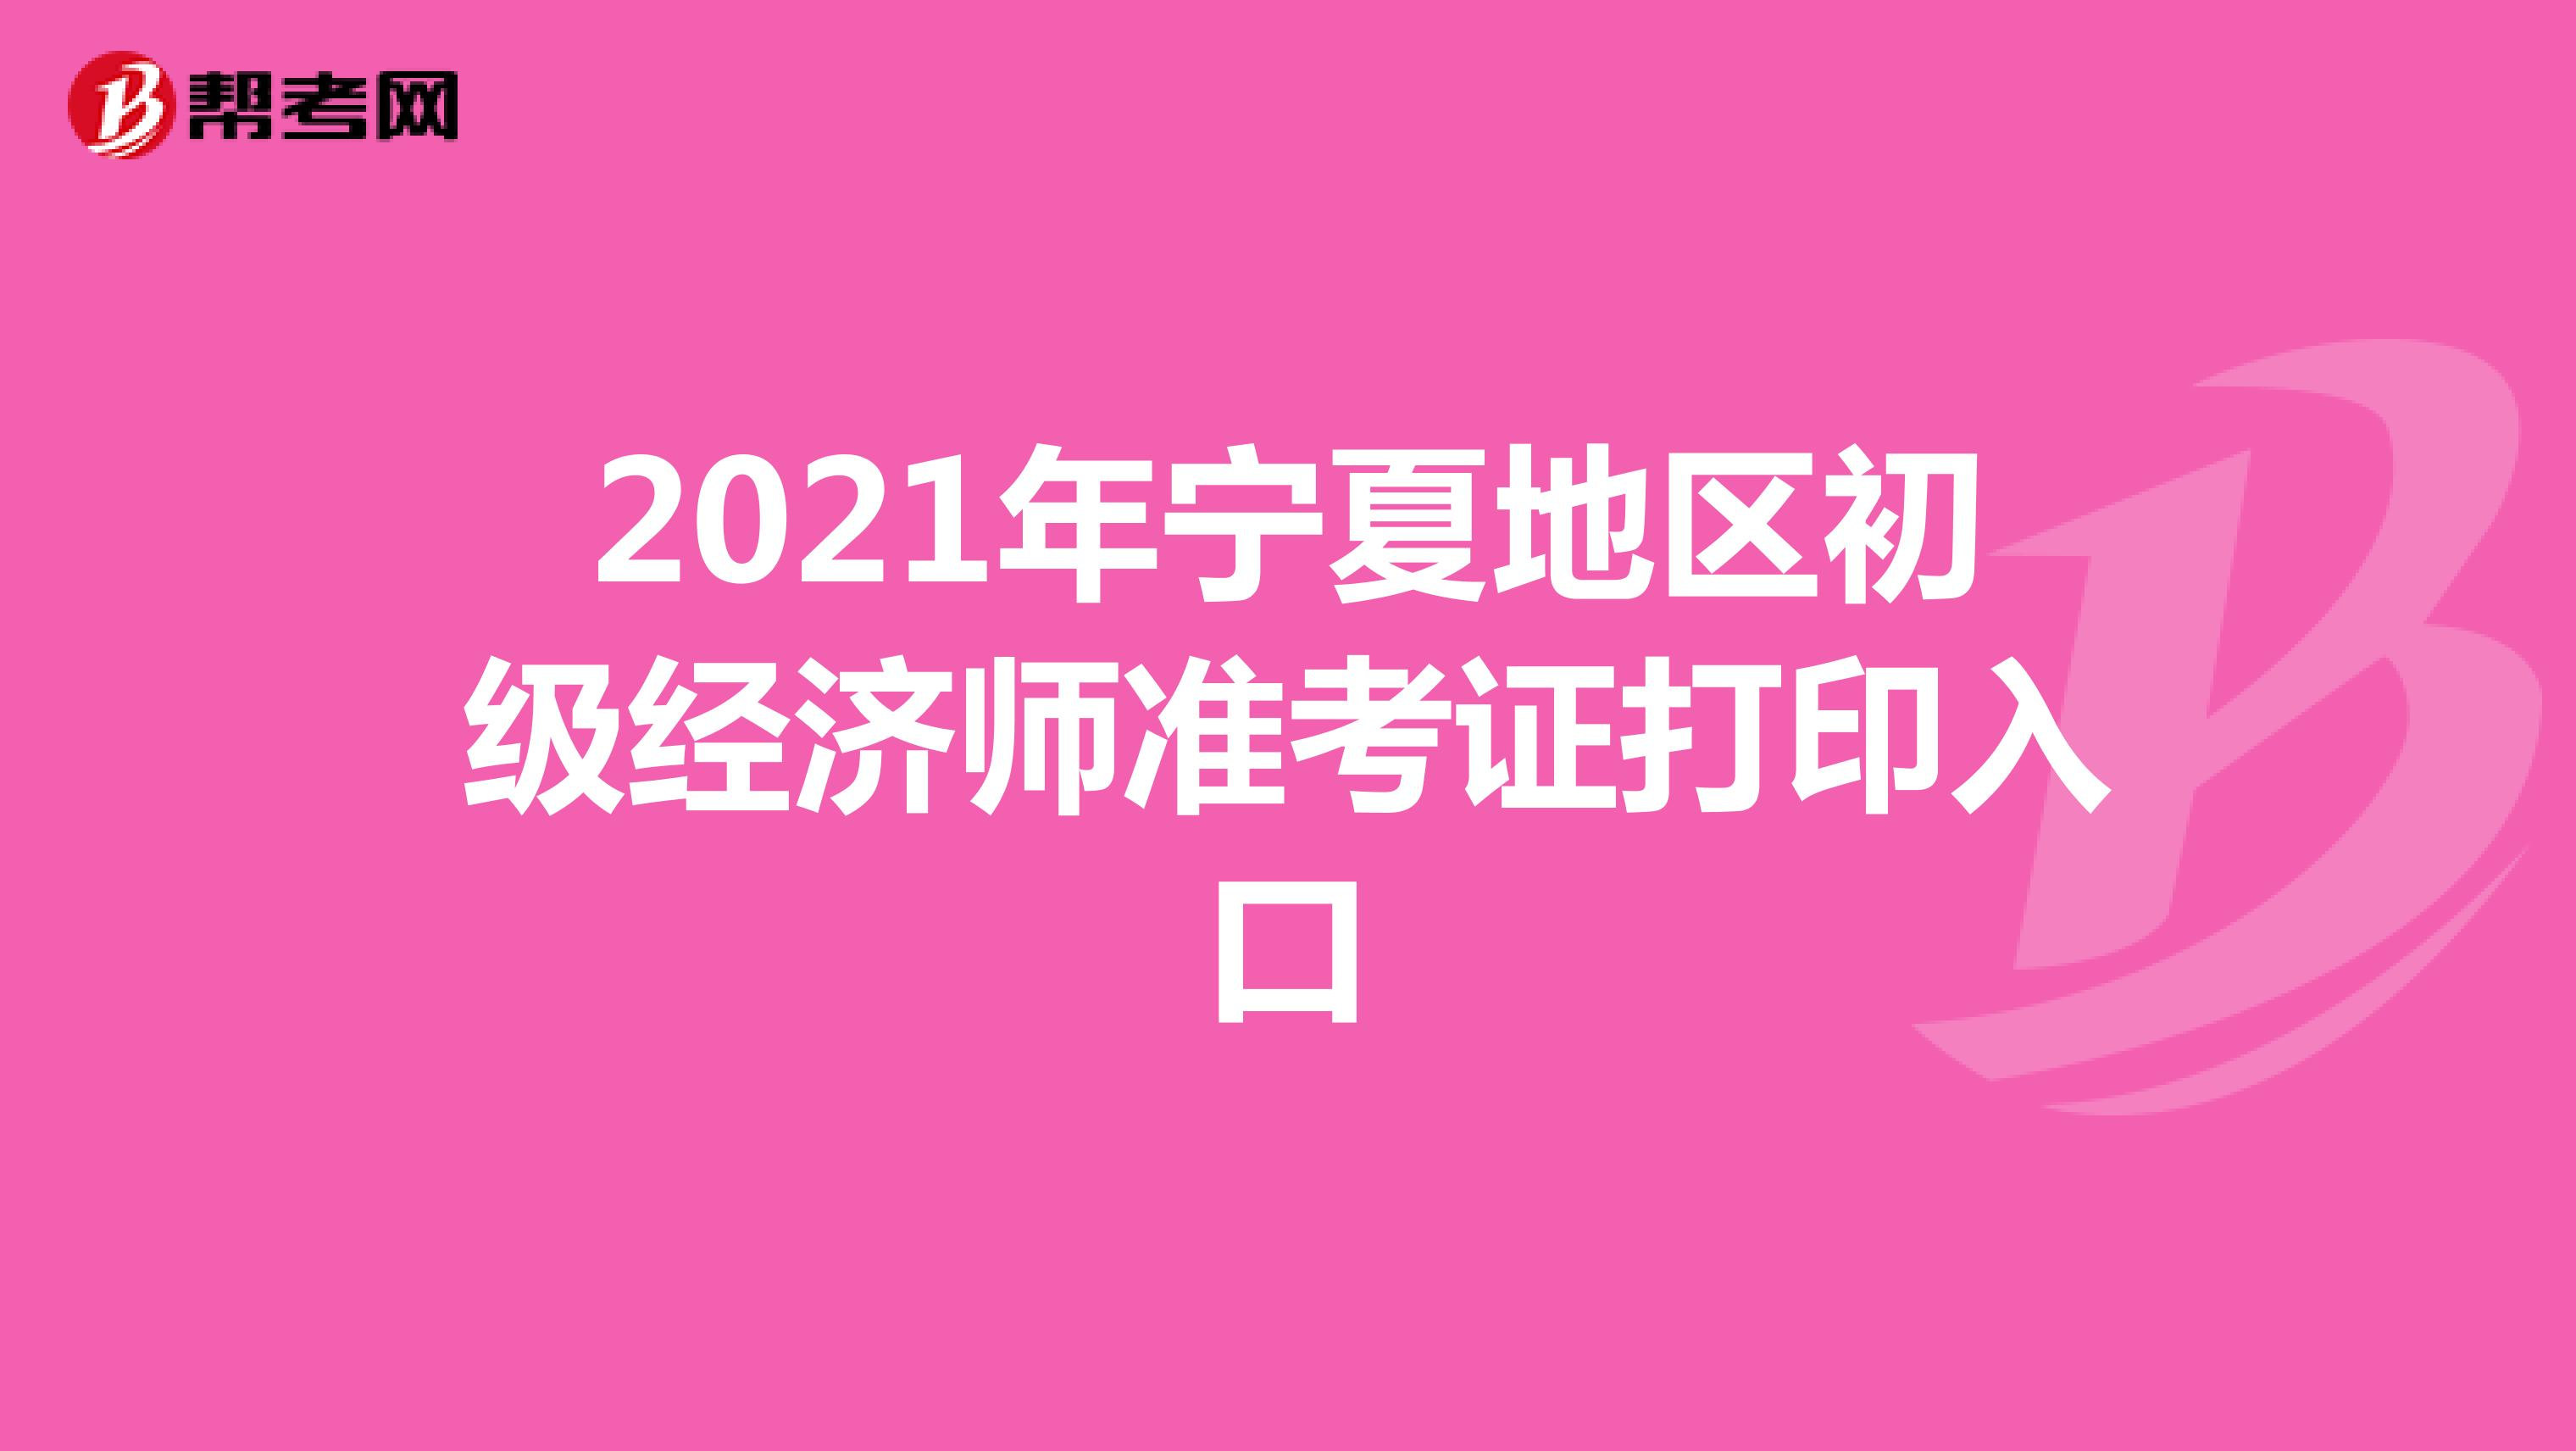 2021年宁夏地区初级经济师准考证打印入口